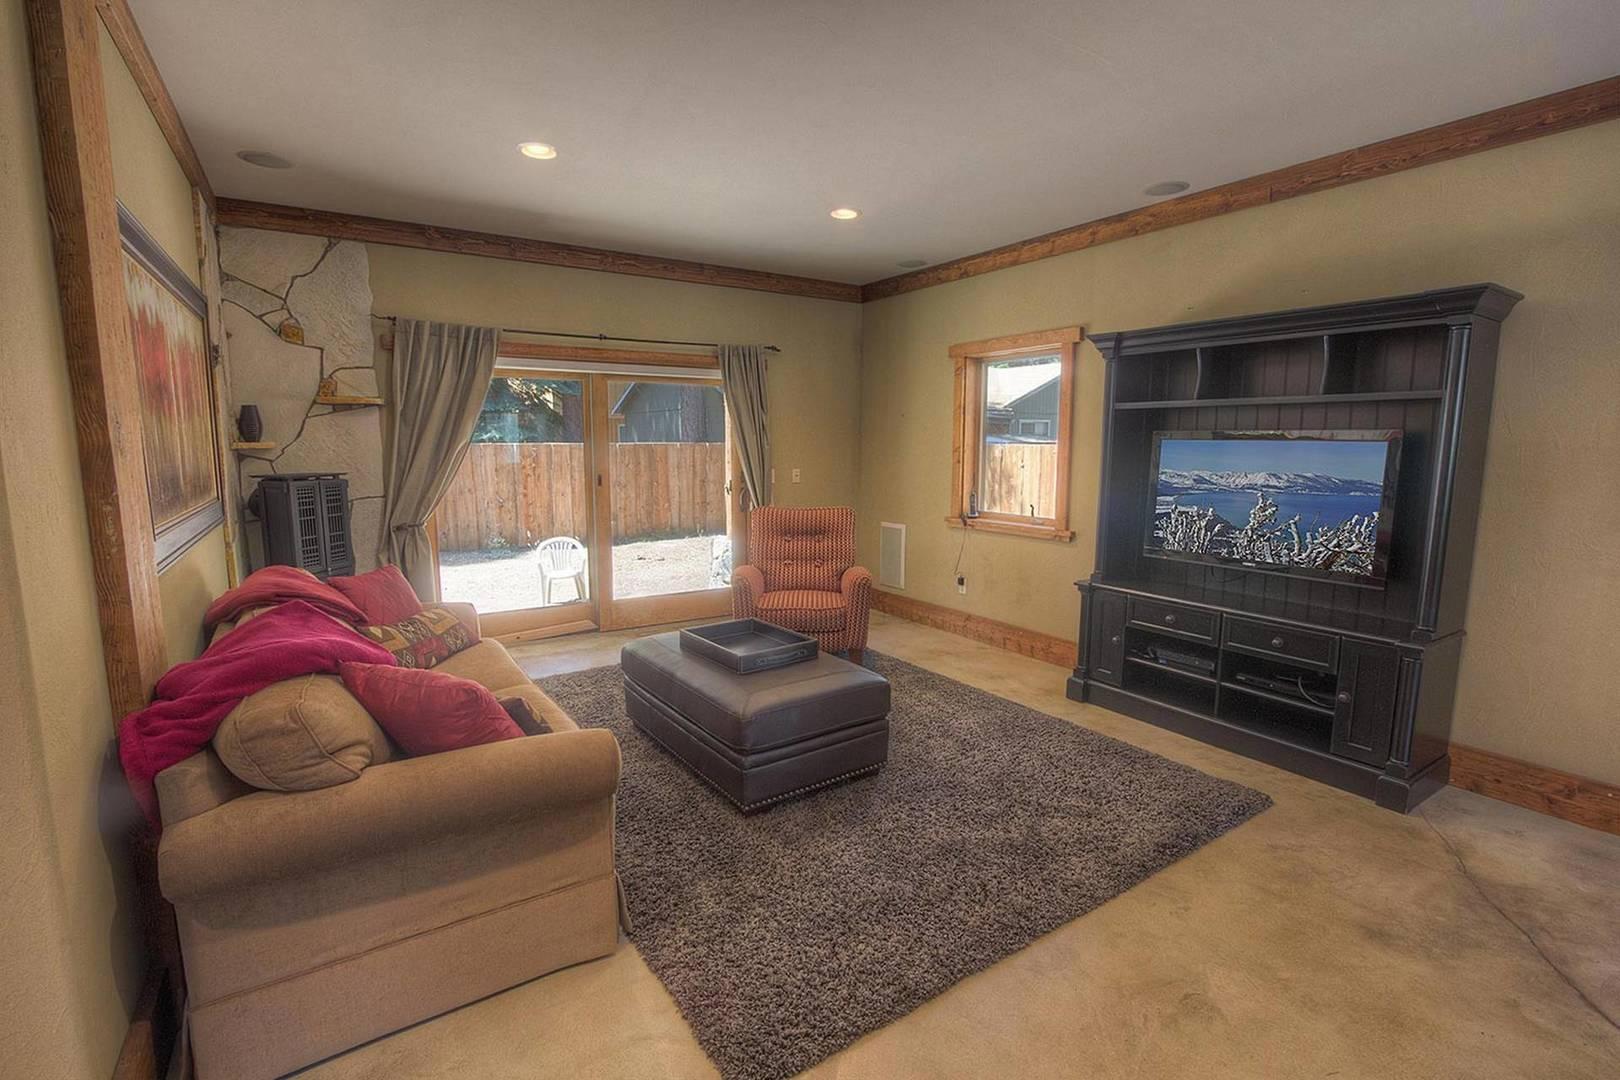 cyh1016 living room